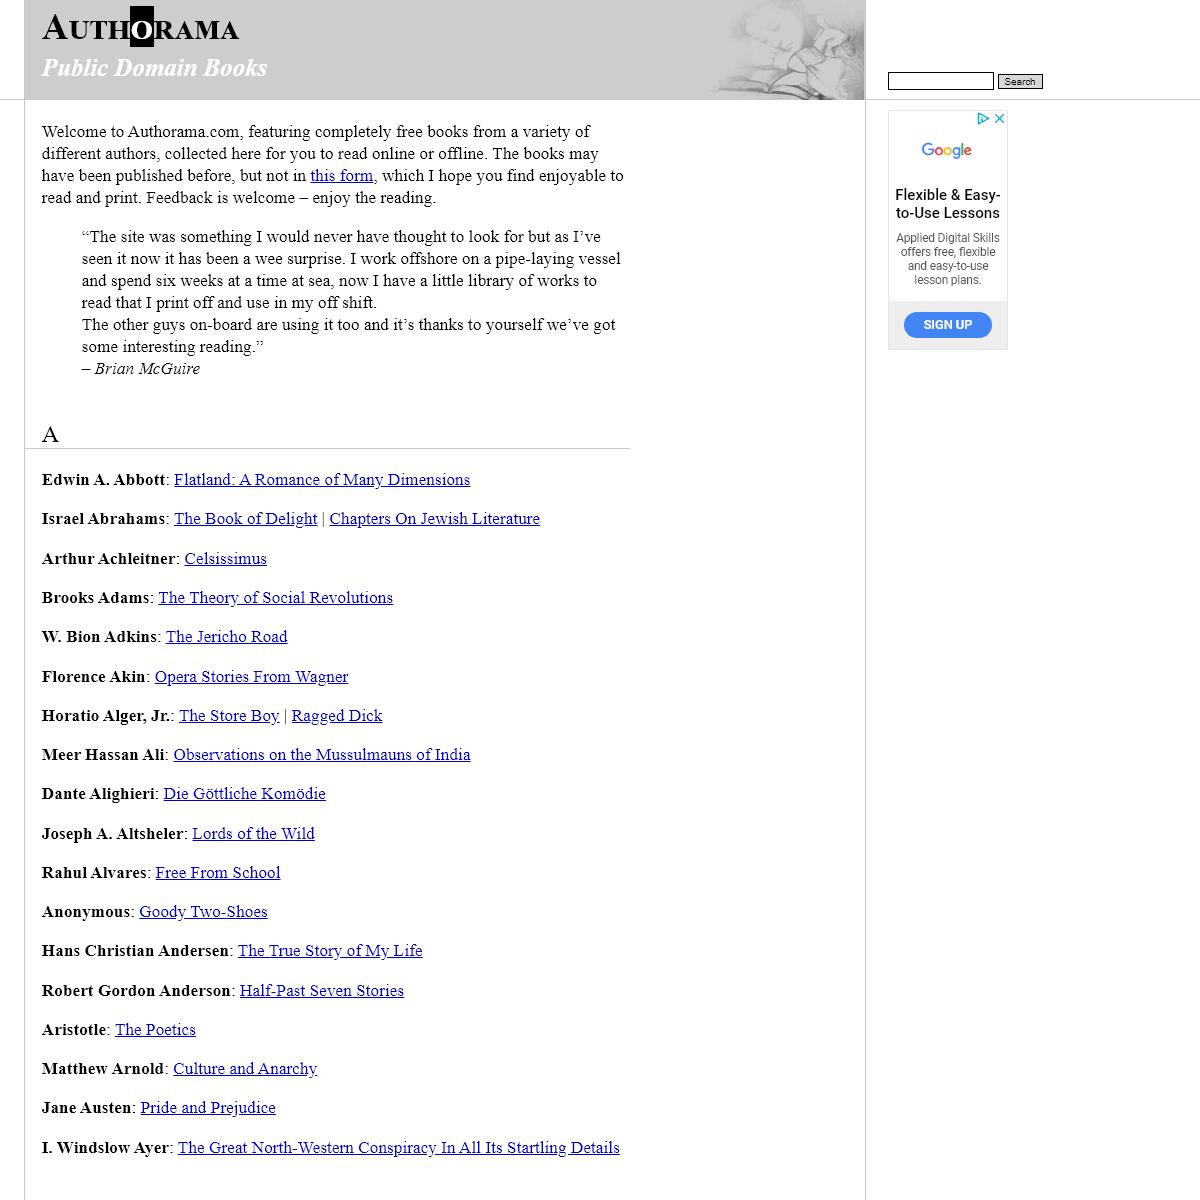 Authorama - Public Domain Books